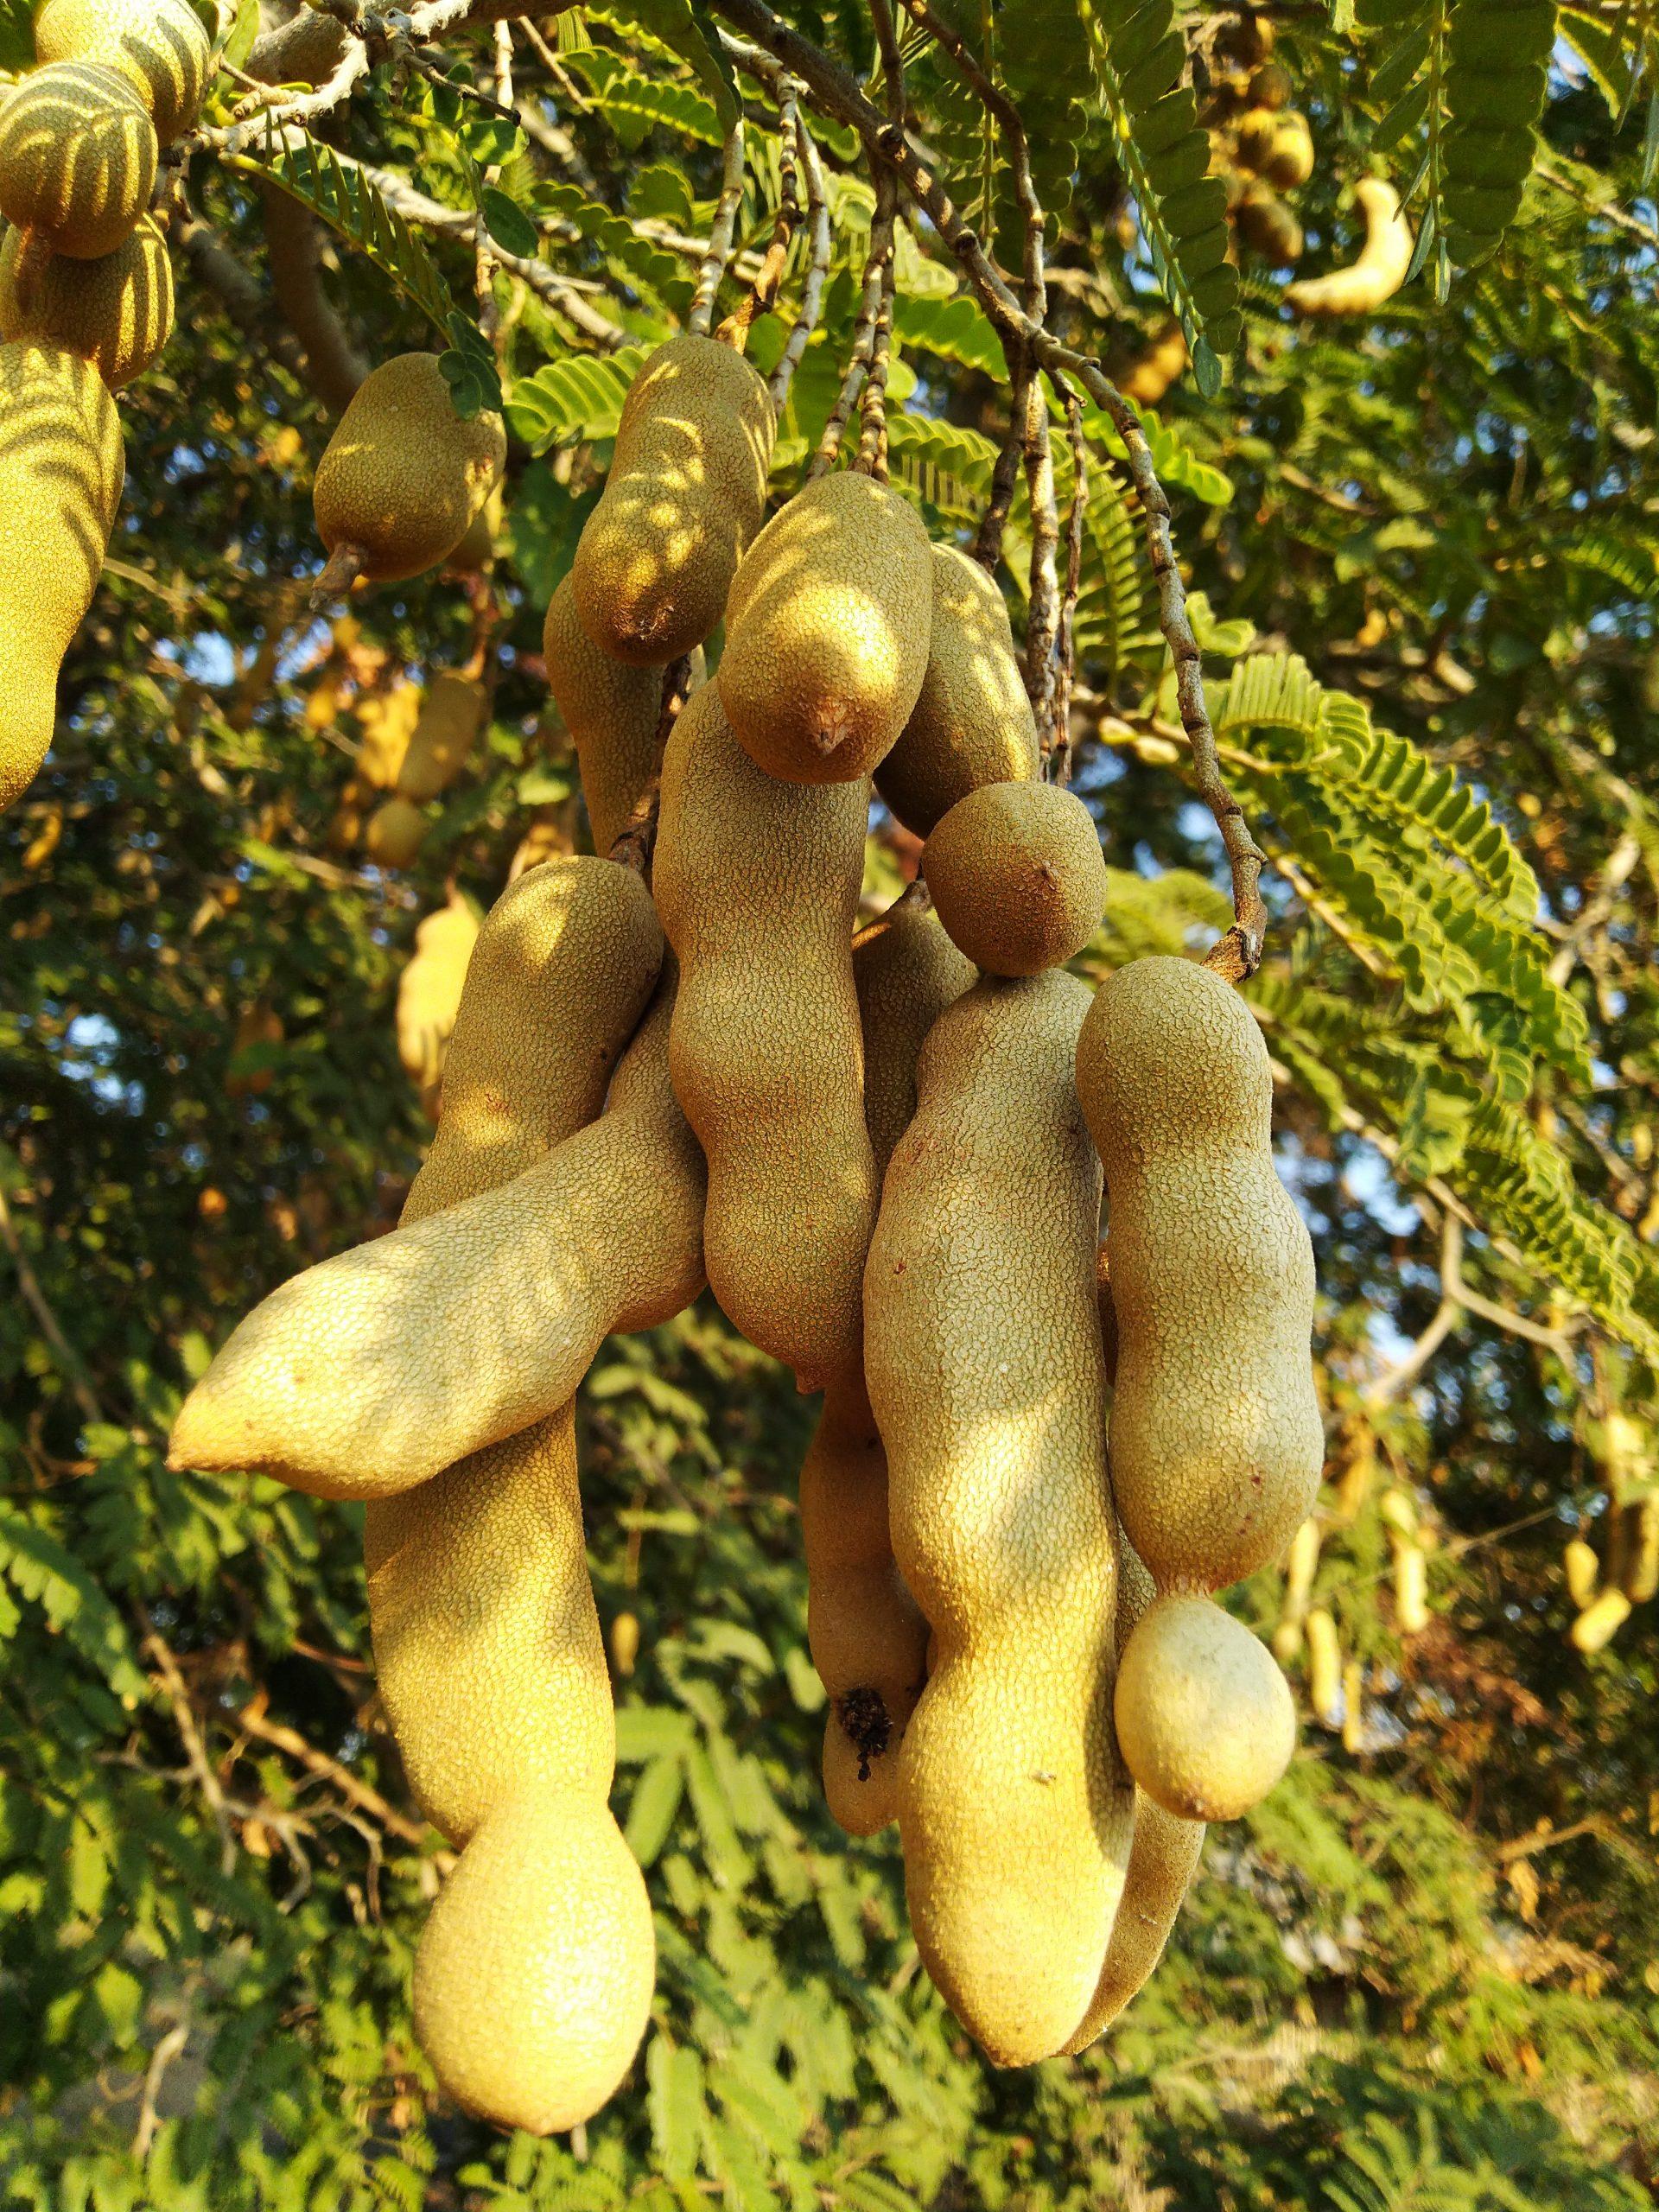 tamarind on the tree